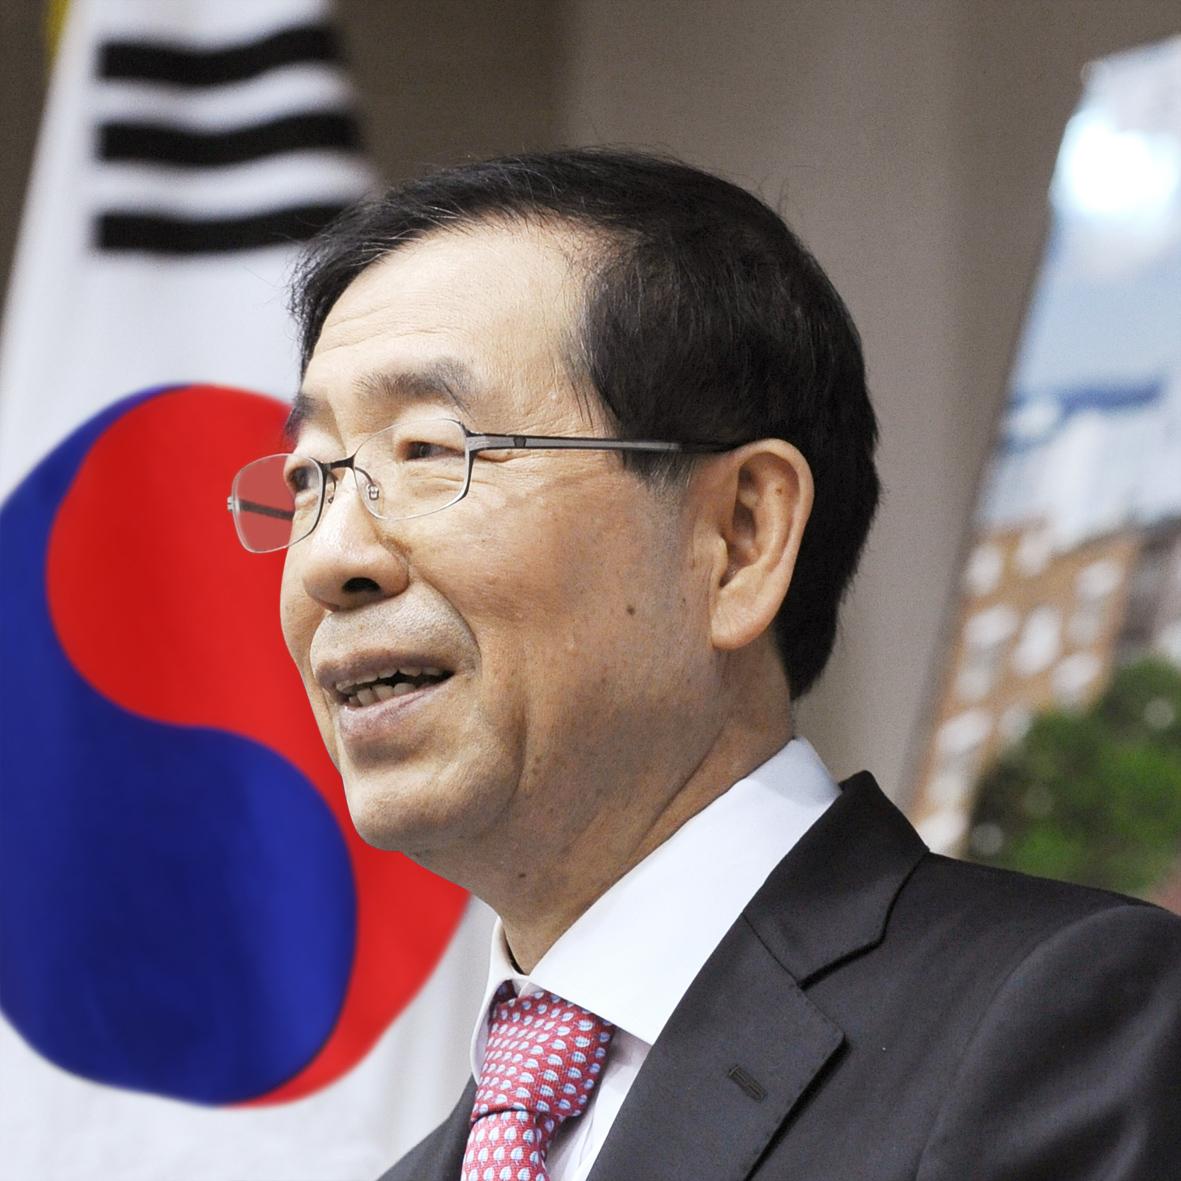 首尔市长:中国游客来首尔 可以参观《星星》拍摄地